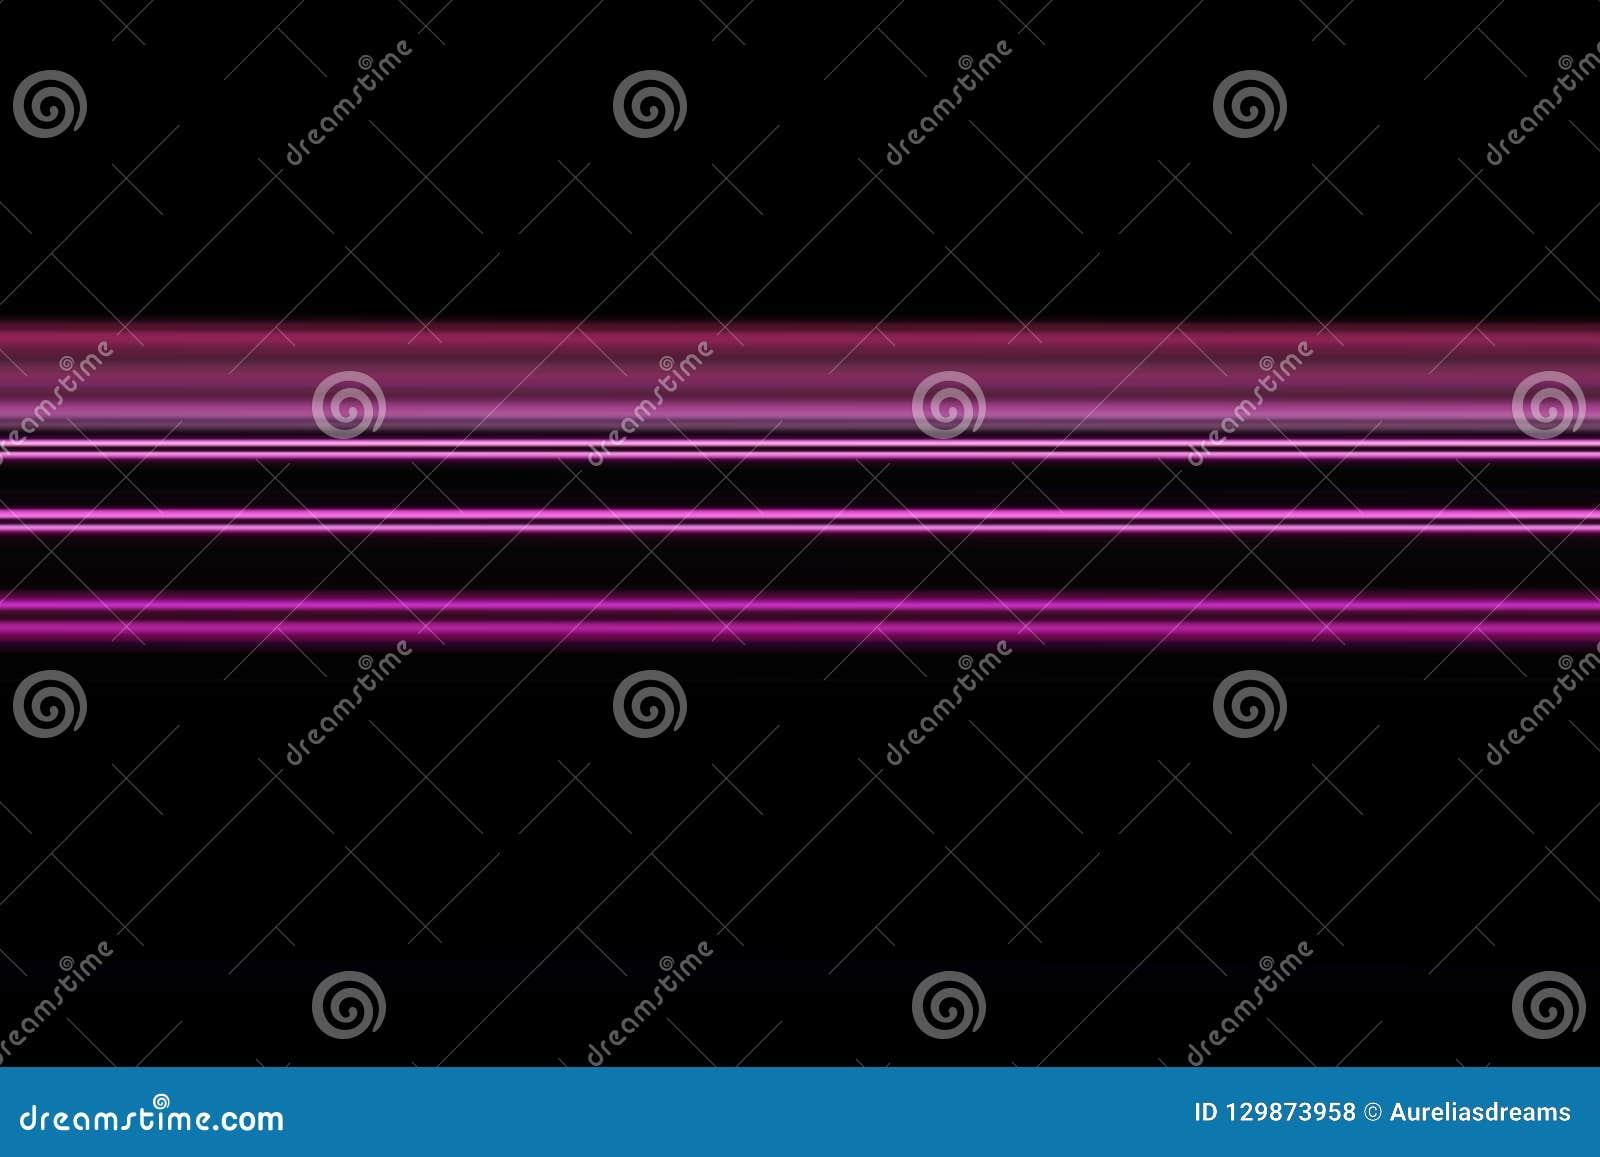 Linjer bakgrund, textur för neon för Ð-¡ olorful abstrakta ljusa horisontal